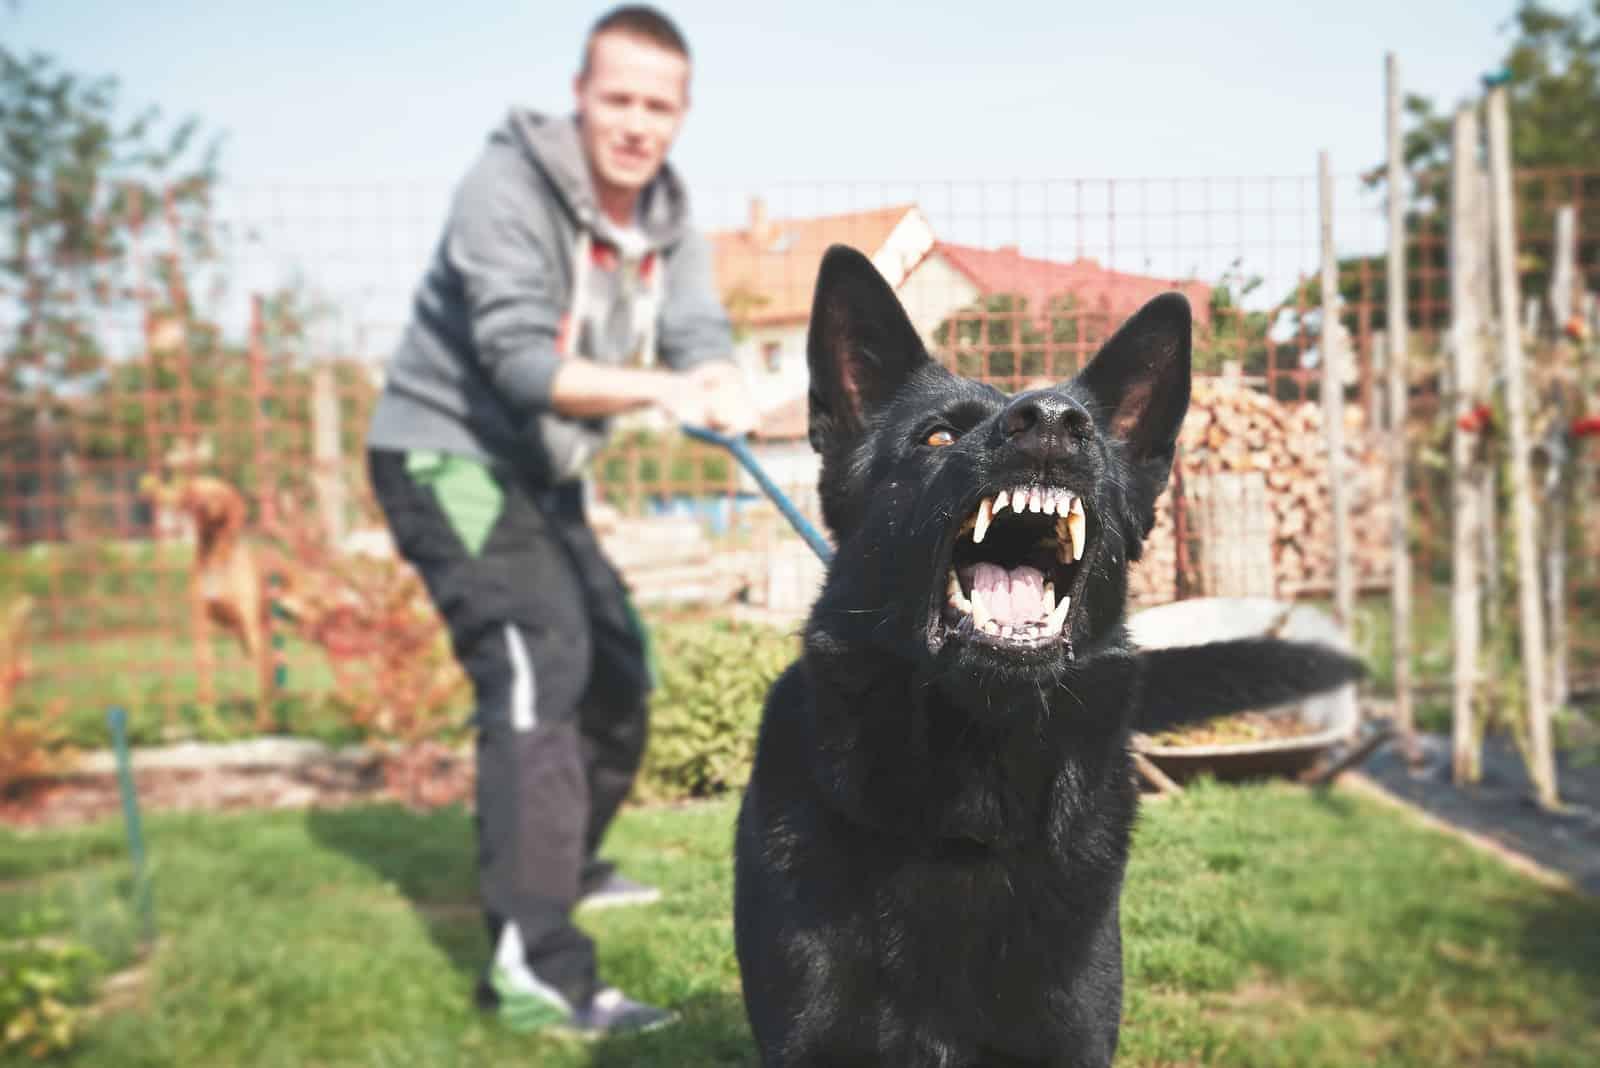 Junger Mann mit wütendem schwarzen Hund an der Leine.